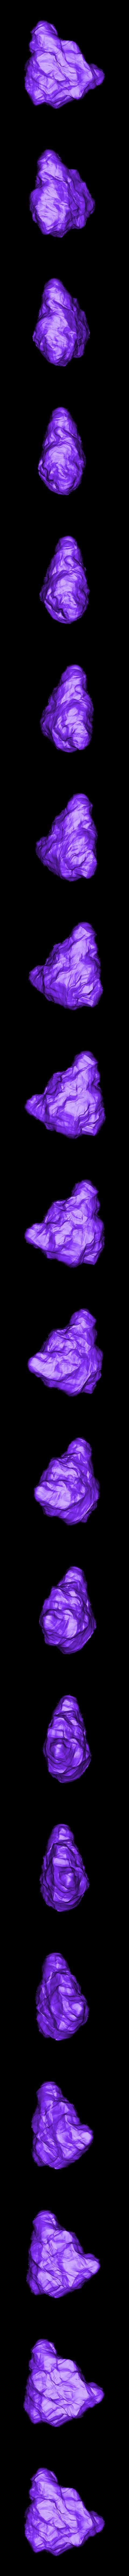 rock_SubTool7.stl Télécharger fichier STL gratuit Roches pour le wargame (collection de 18 roches haute résolution) • Design pour impression 3D, BREXIT